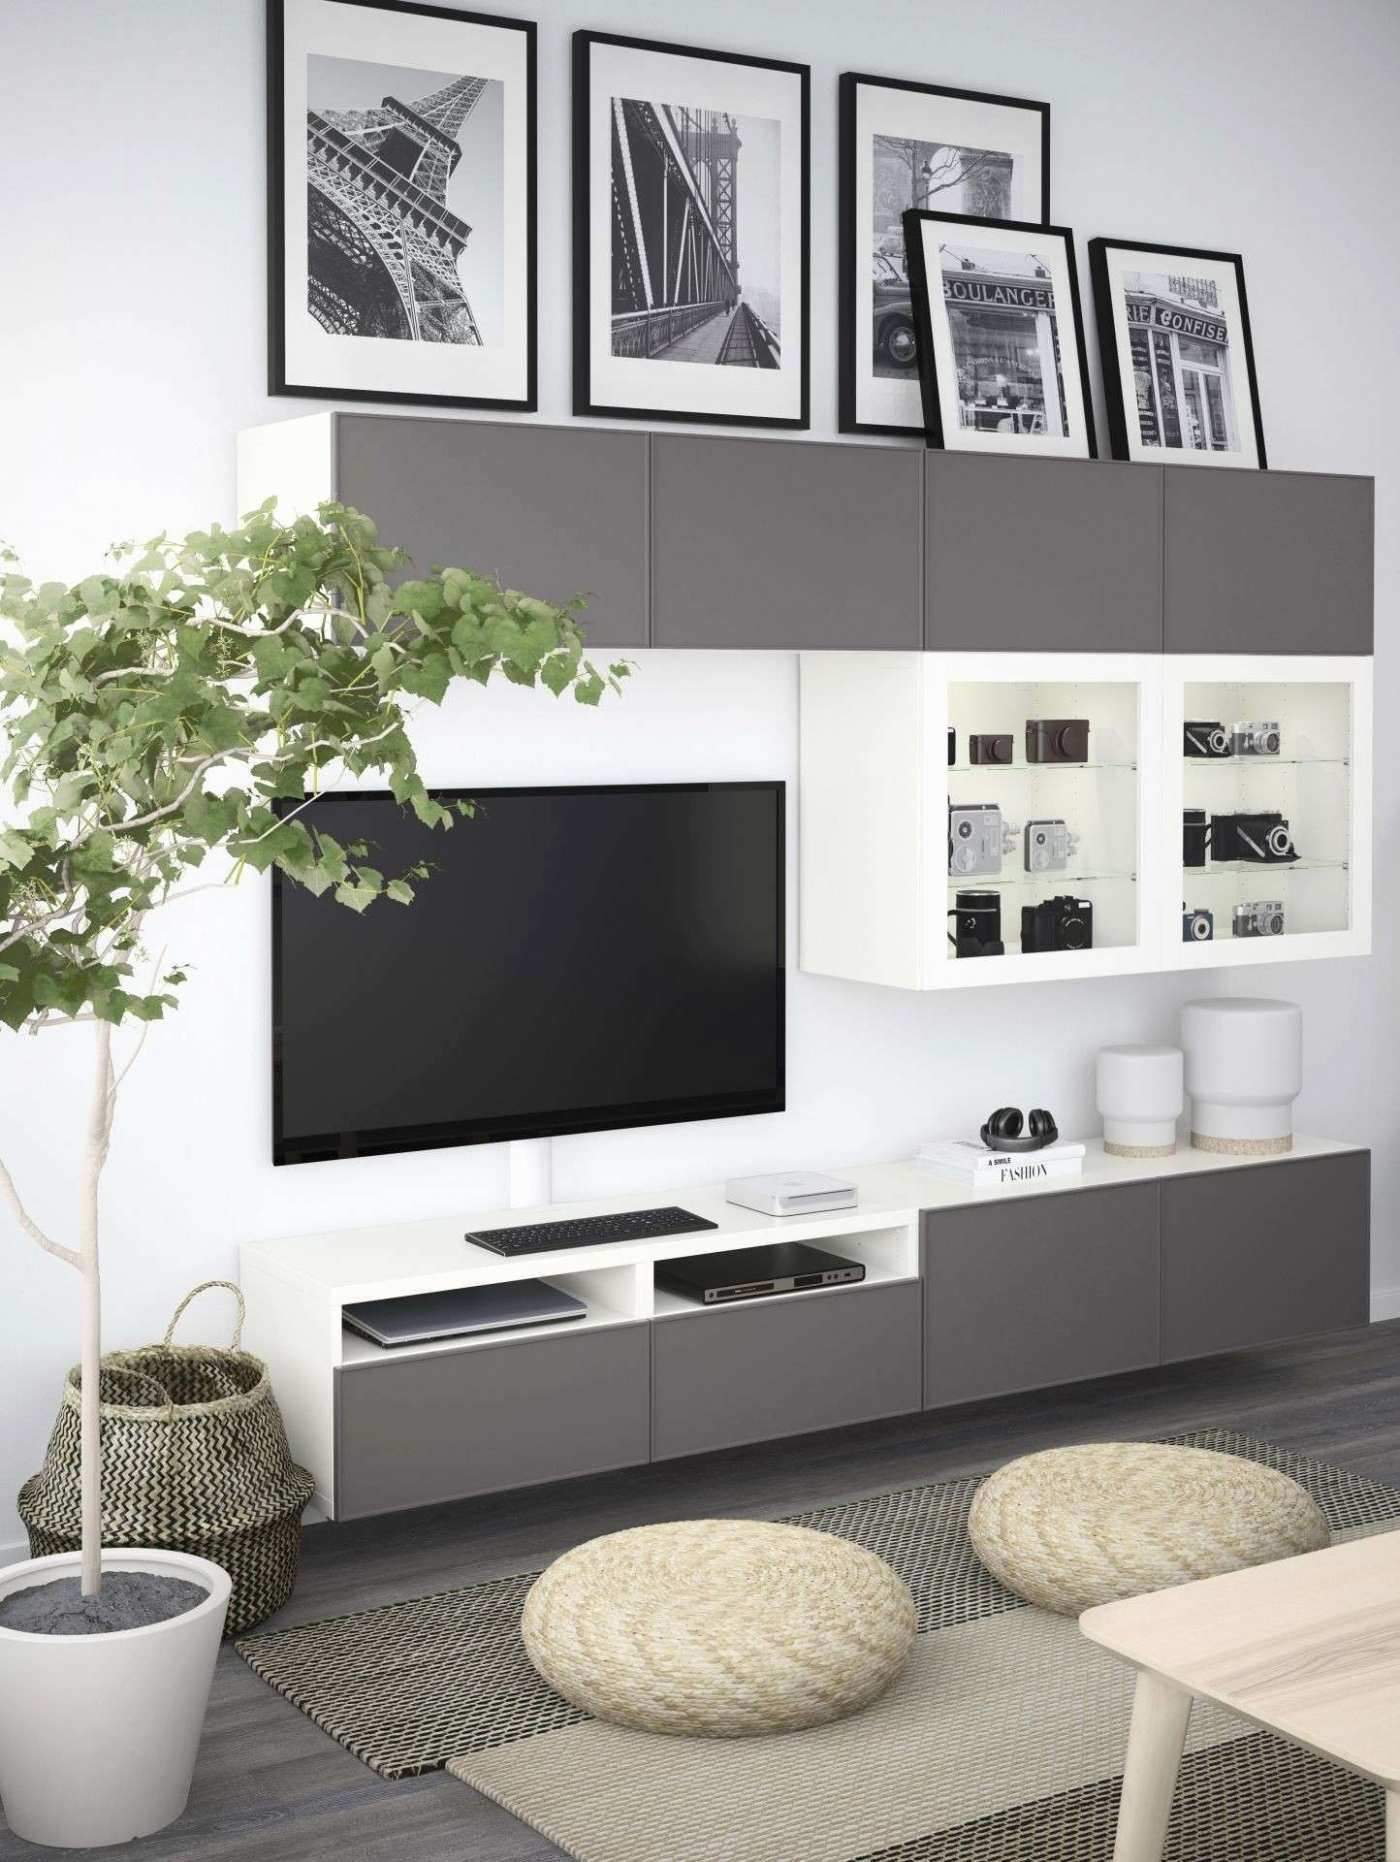 deko wohnzimmer selber machen elegant 55 genial deko ideen selbermachen wohnzimmer neu of deko wohnzimmer selber machen